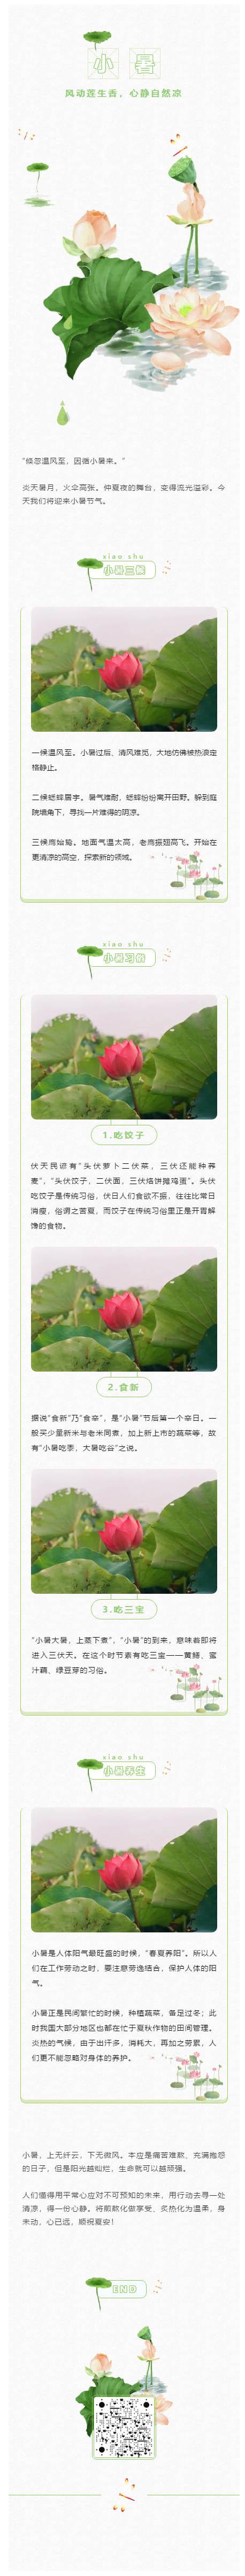 小暑二十四节气之后中国传统节日中国风荷叶荷花微信素材模板